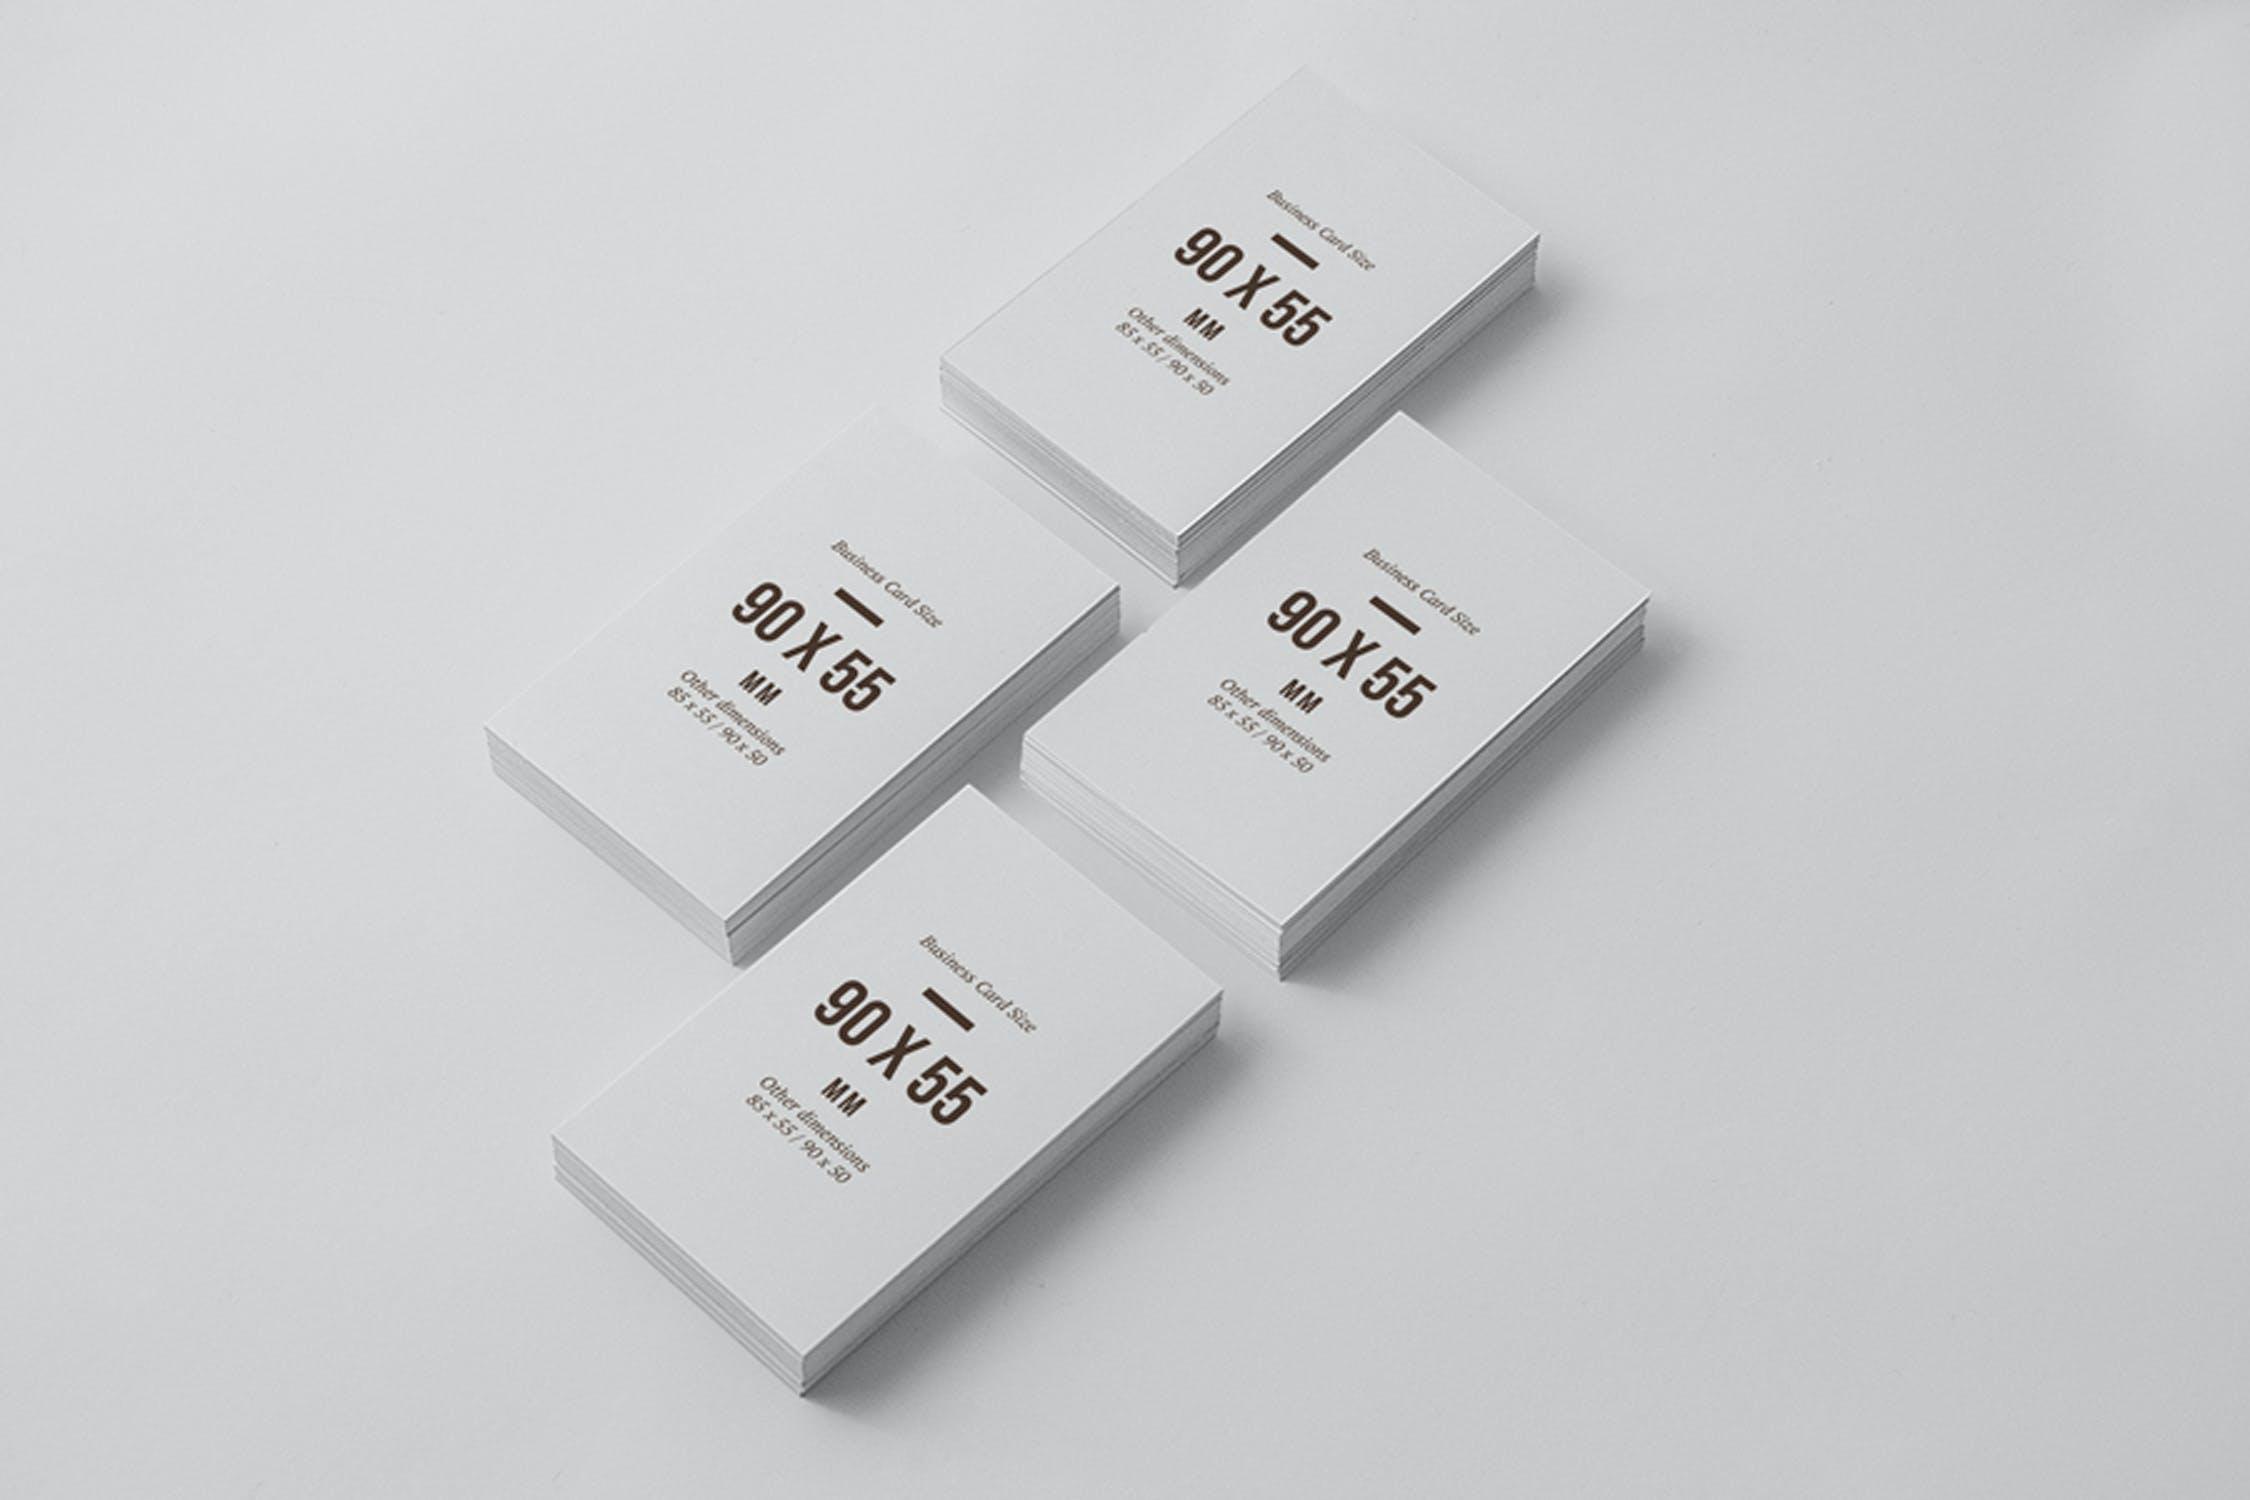 6款多角度品牌VI设计办公用品展示样机模板 Multi-Dimension Branding Dentity Mockup 4插图